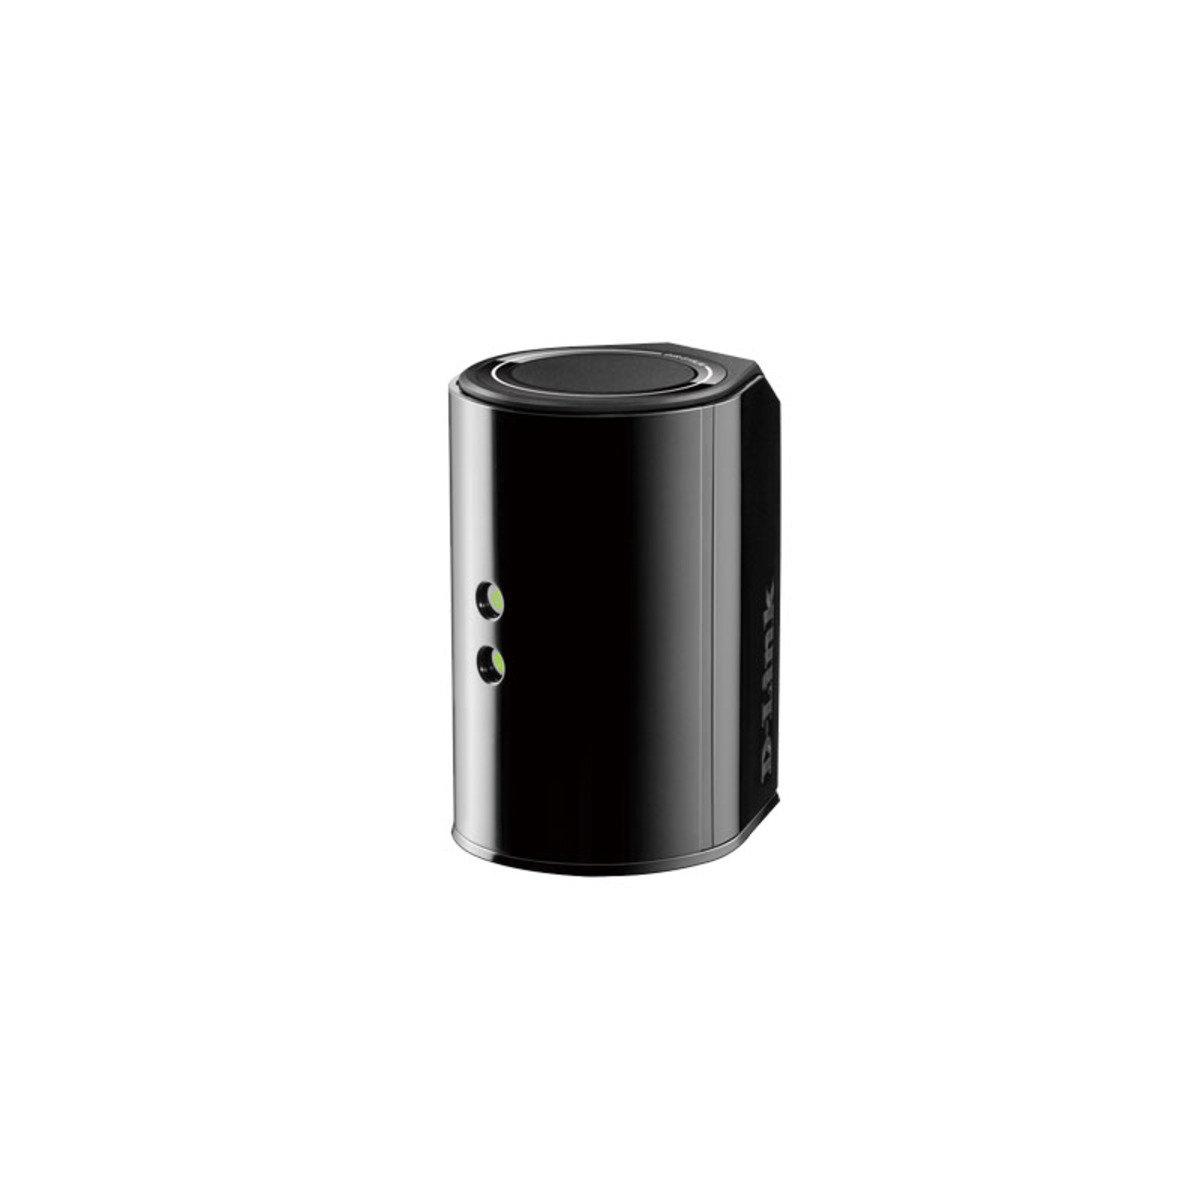 AC750 雙頻無線直立式路由器 DIR818L Black